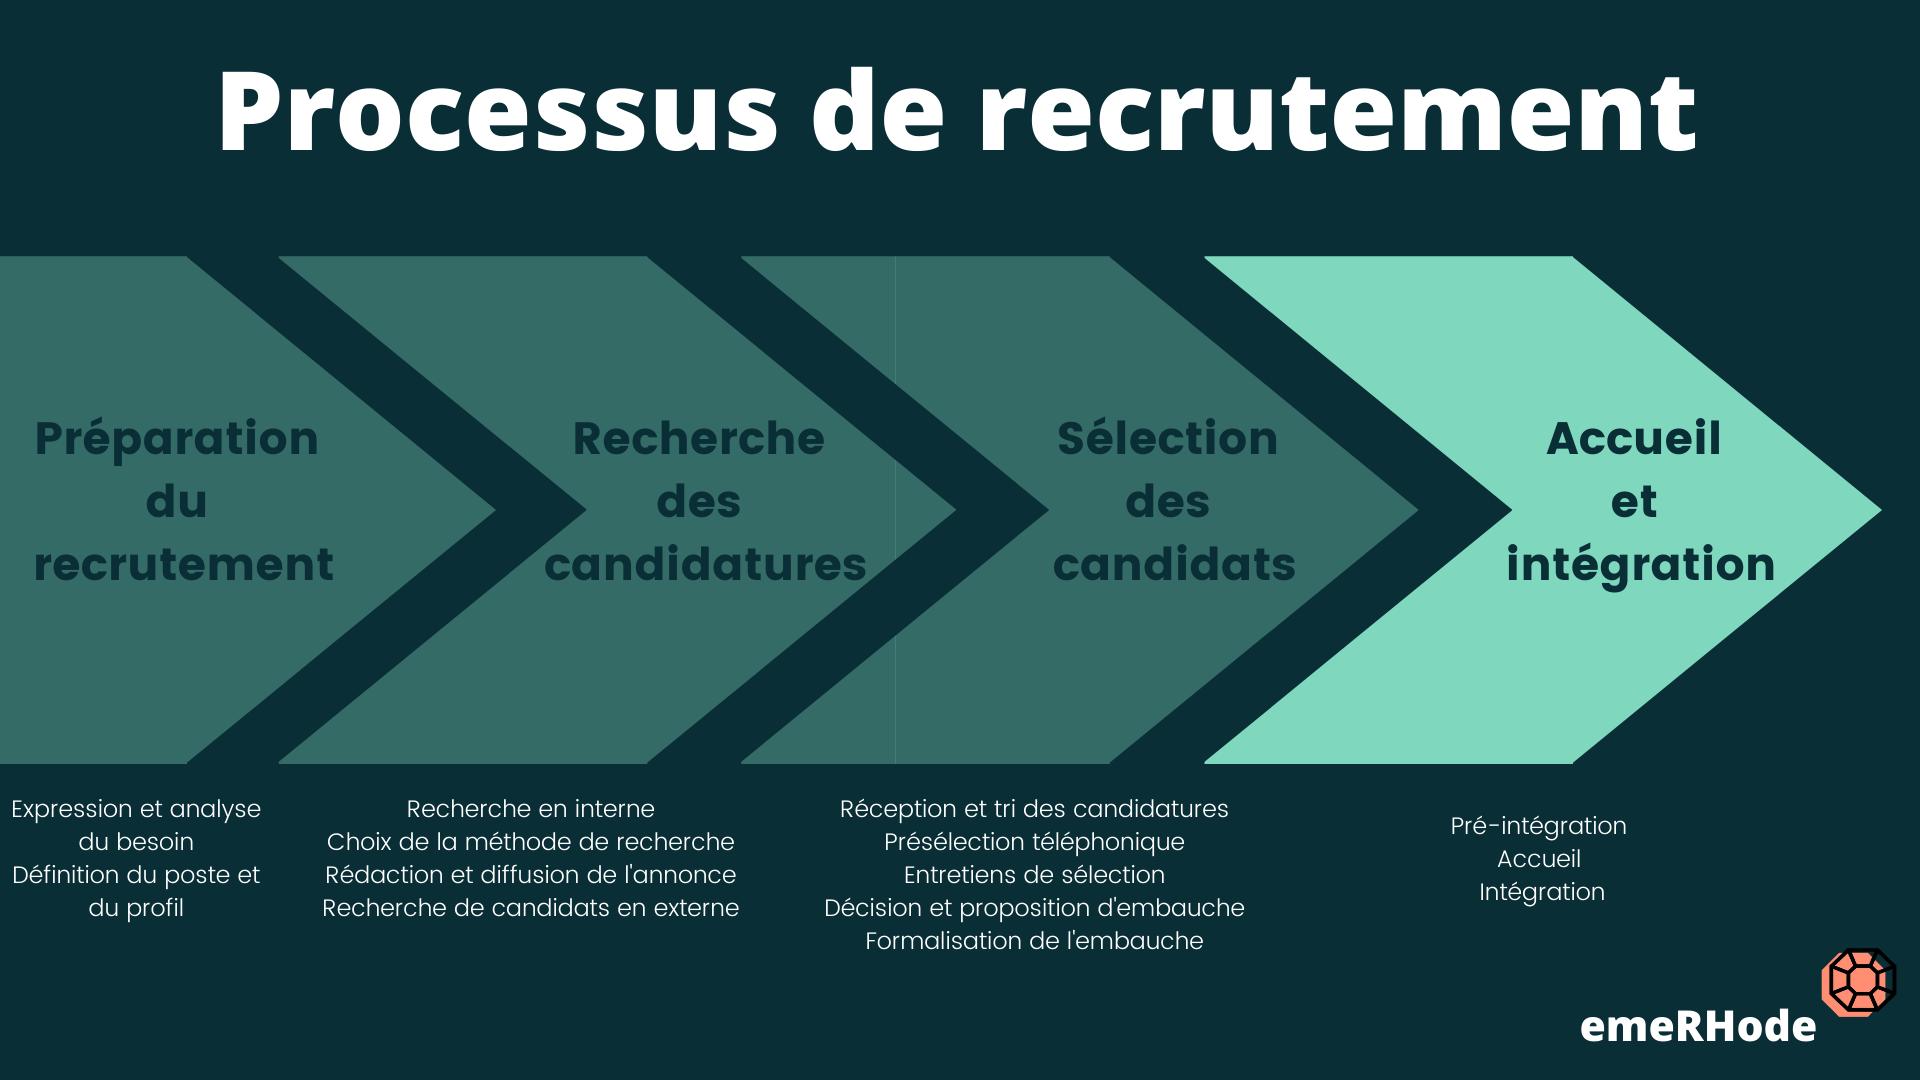 Processus de recrutement accueil et intégration